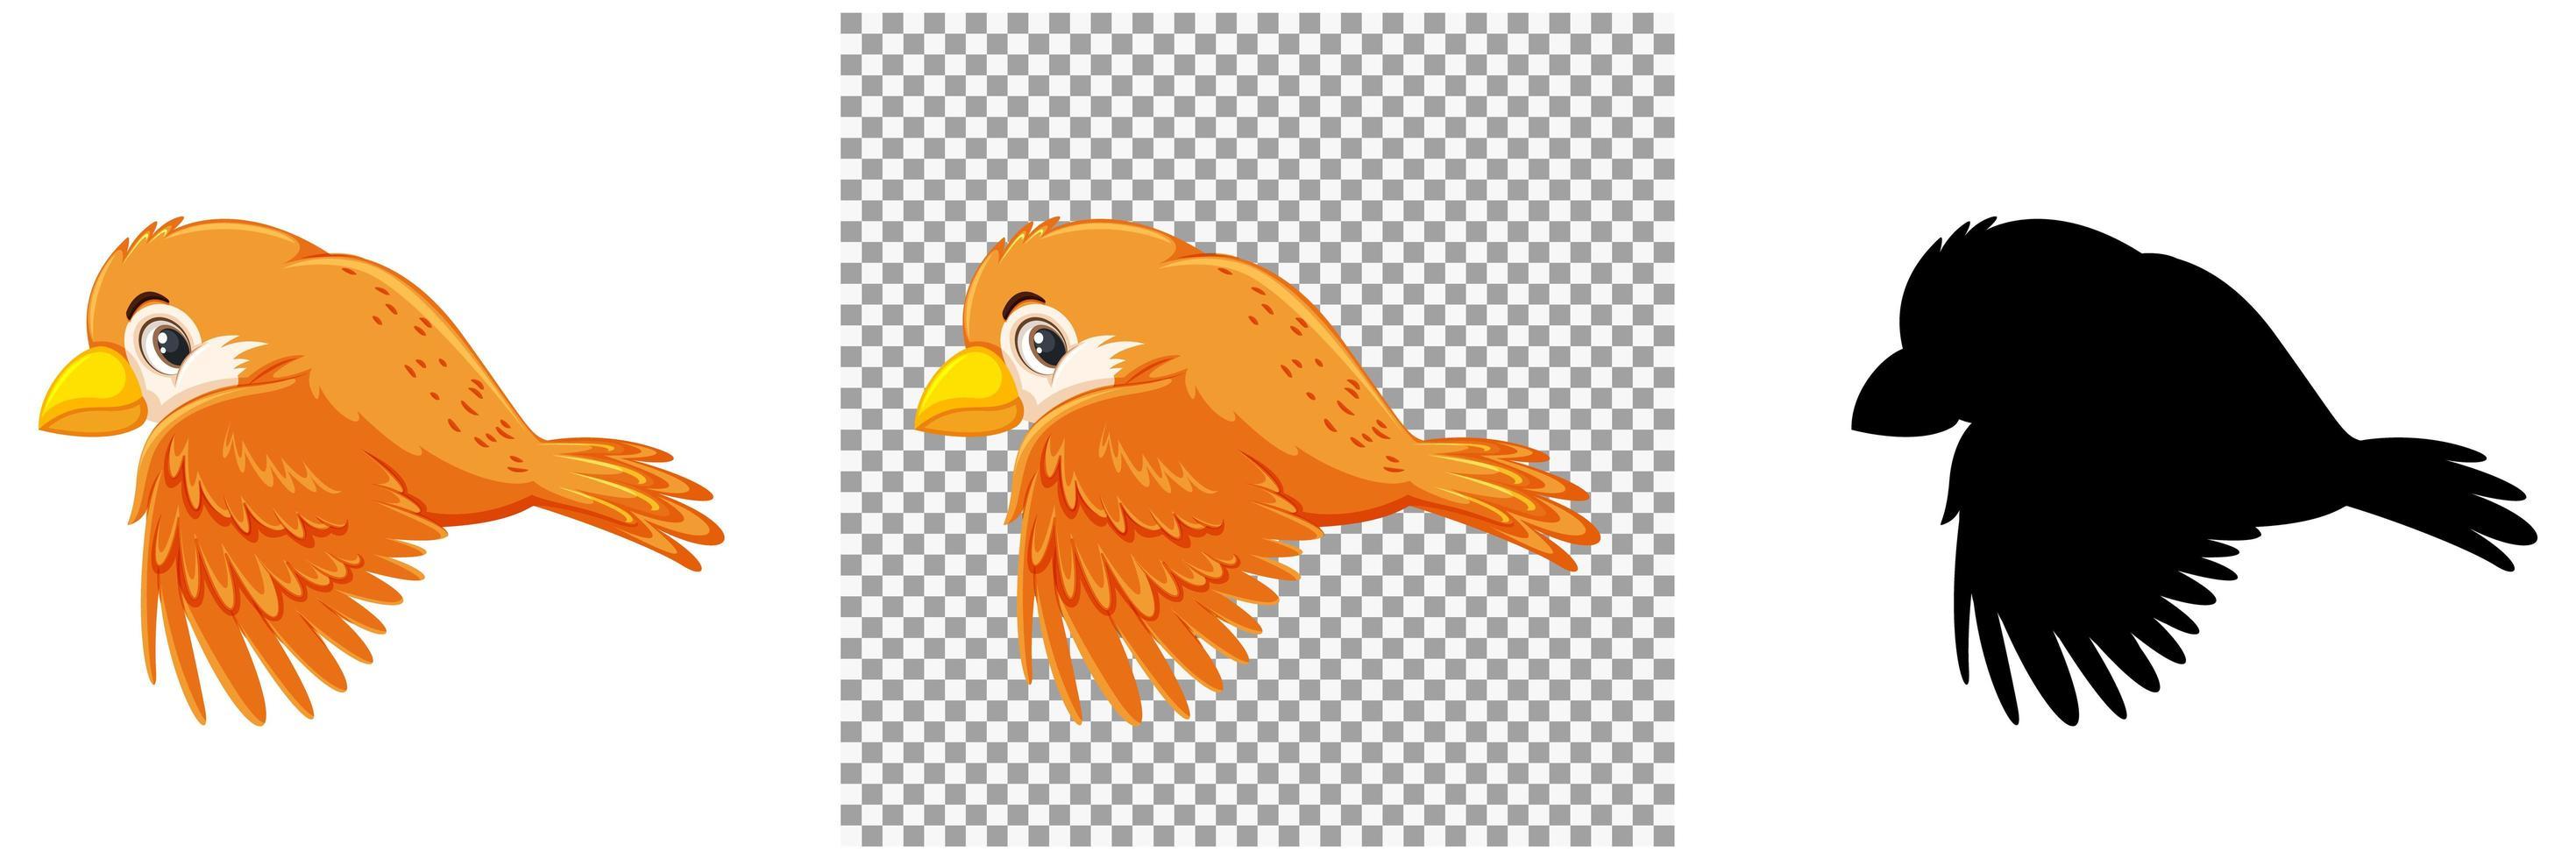 uppsättning av fågel seriefigur vektor